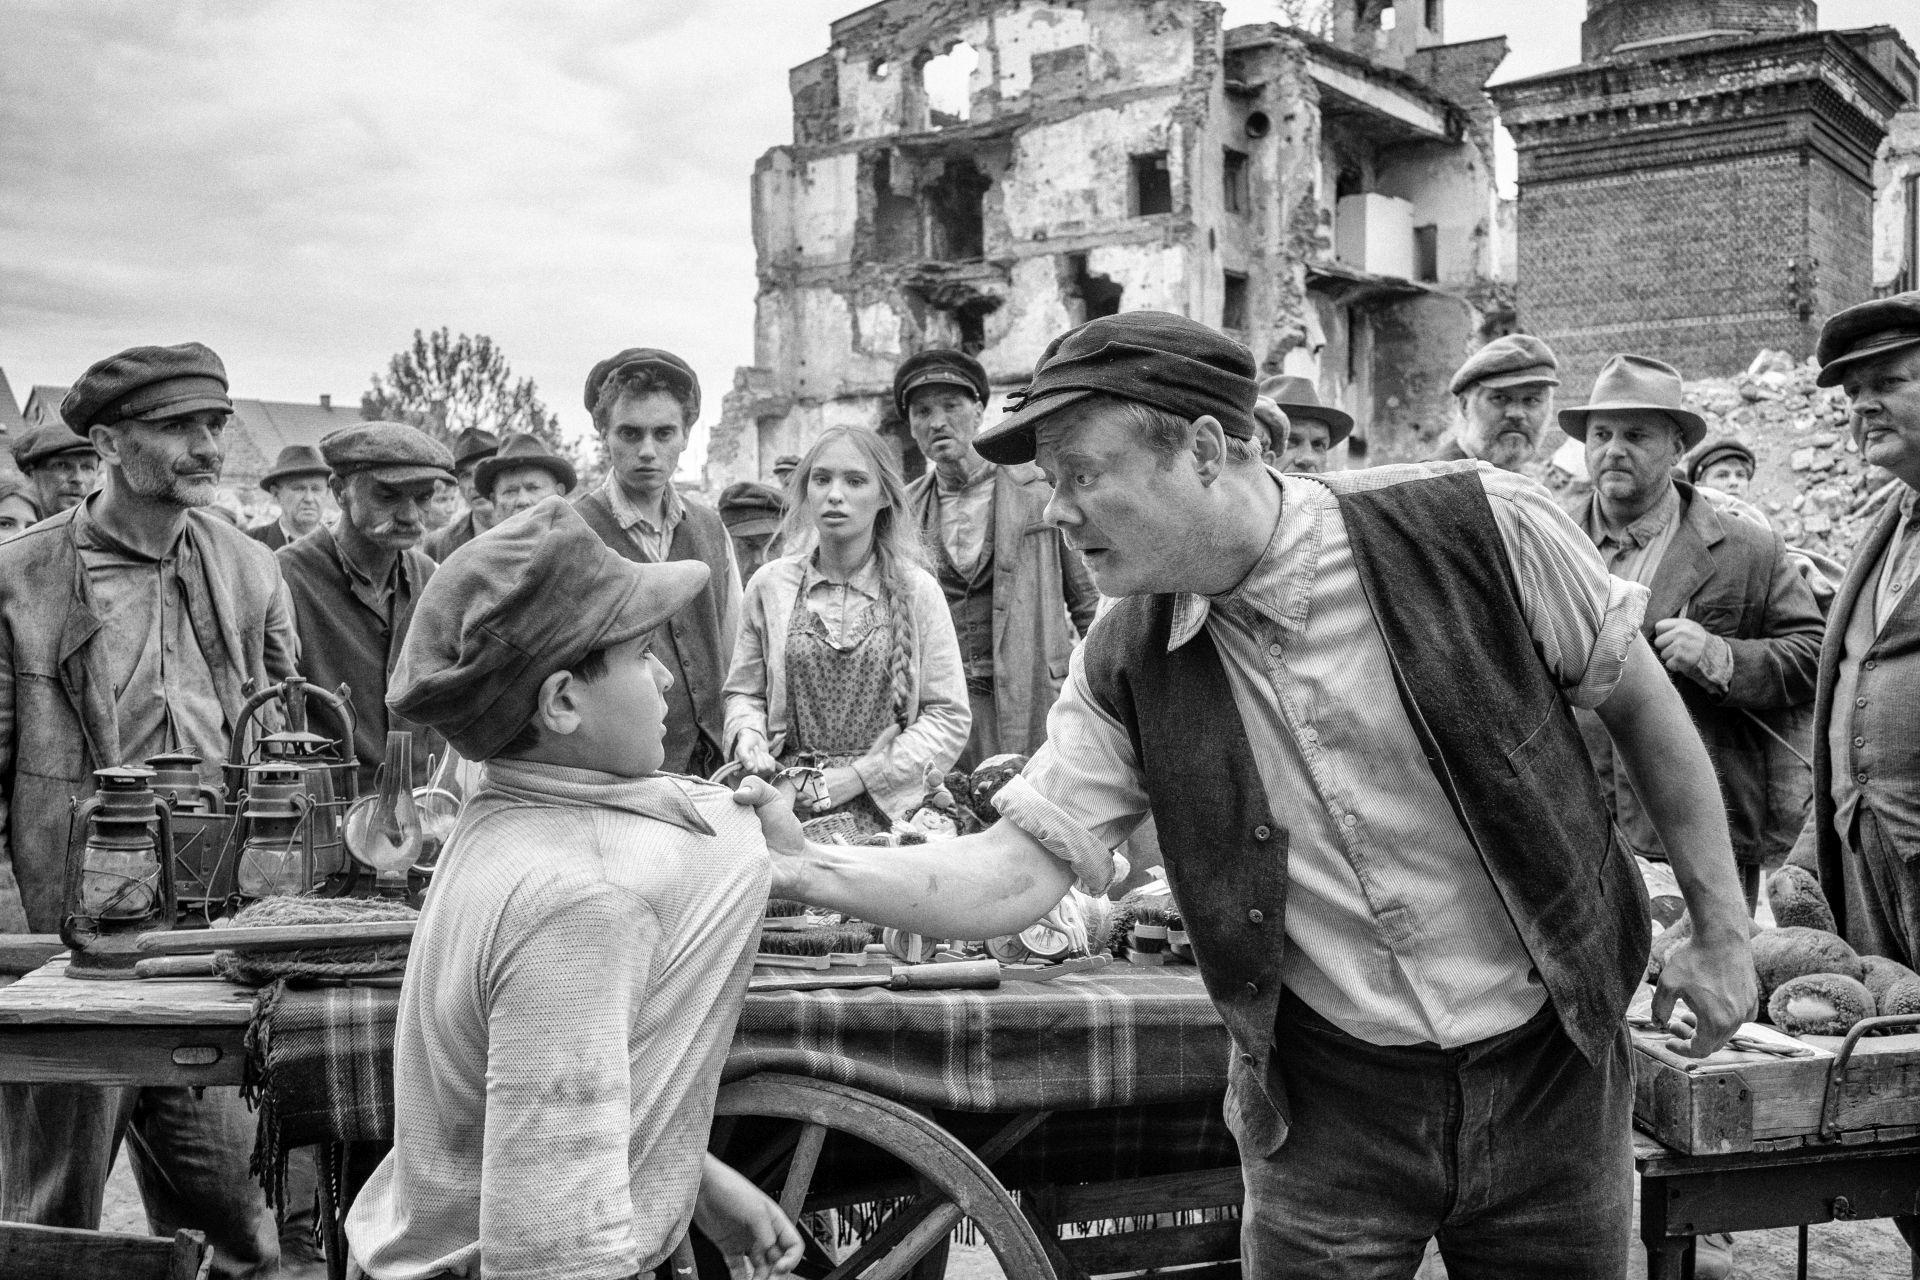 (C)2019 ALL RIGHTS RESERVED SILVER SCREEN ČESKÁ TELEVIZE EDUARD &  MILADA KUCERA DIRECTORY FILMS ROZHLAS A TELEVÍZIA SLOVENSKA CERTICON GROUP INNOGY PUBRES RICHARD KAUCKÝ